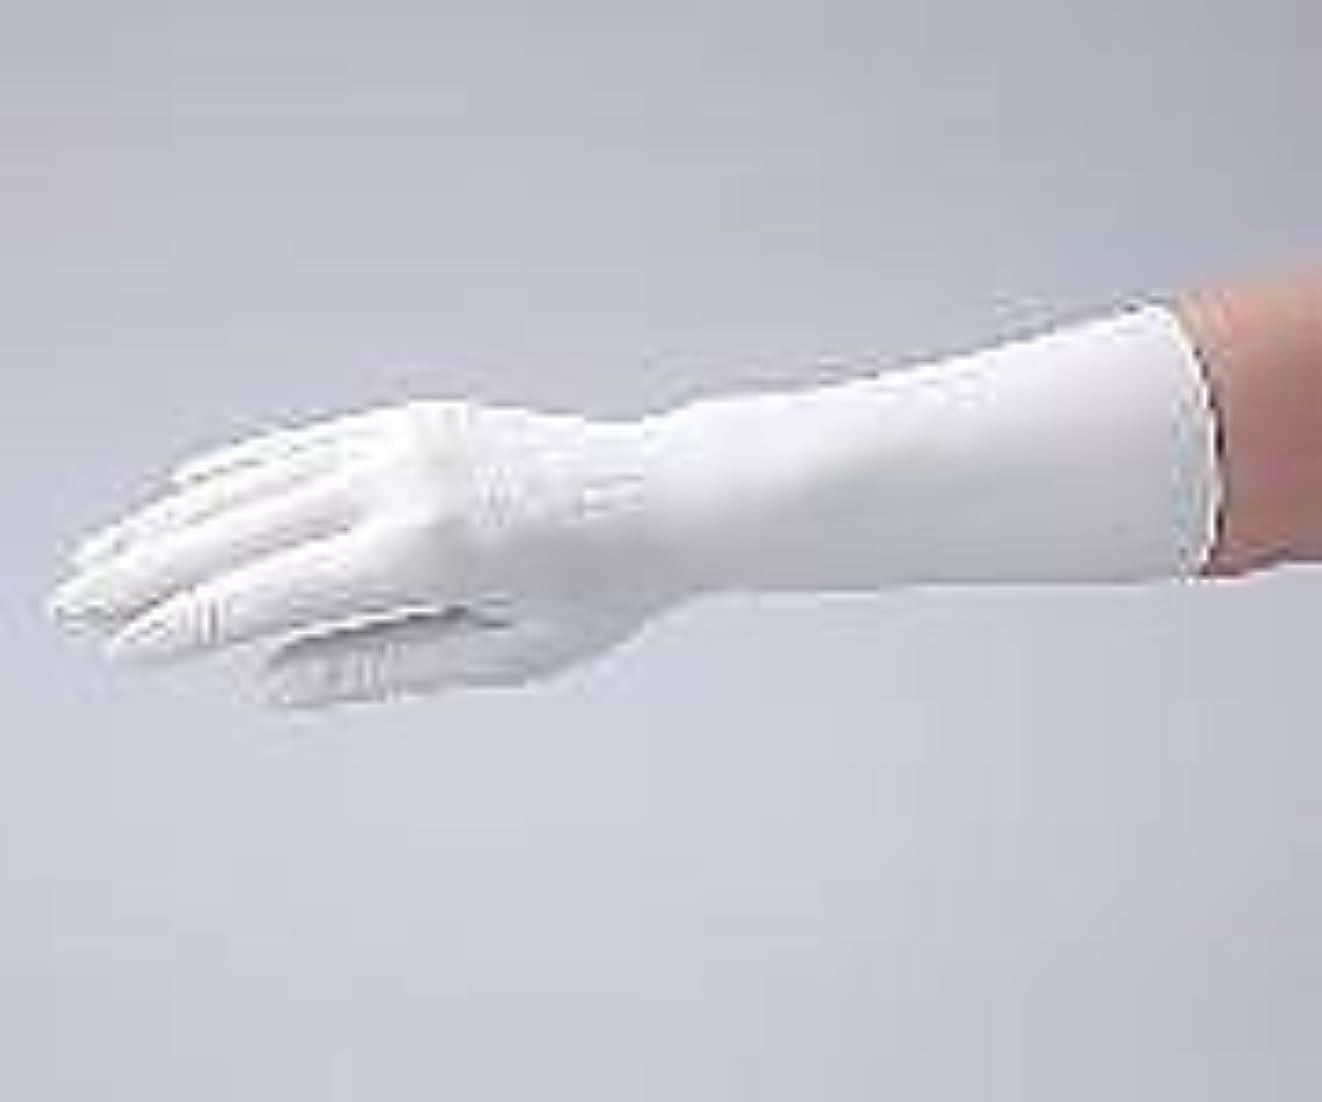 あなたが良くなります供給容疑者アズピュア(アズワン)1-2323-51アズピュアクリーンノールニトリル手袋(ペアタイプ)XS左右各100枚×5袋入